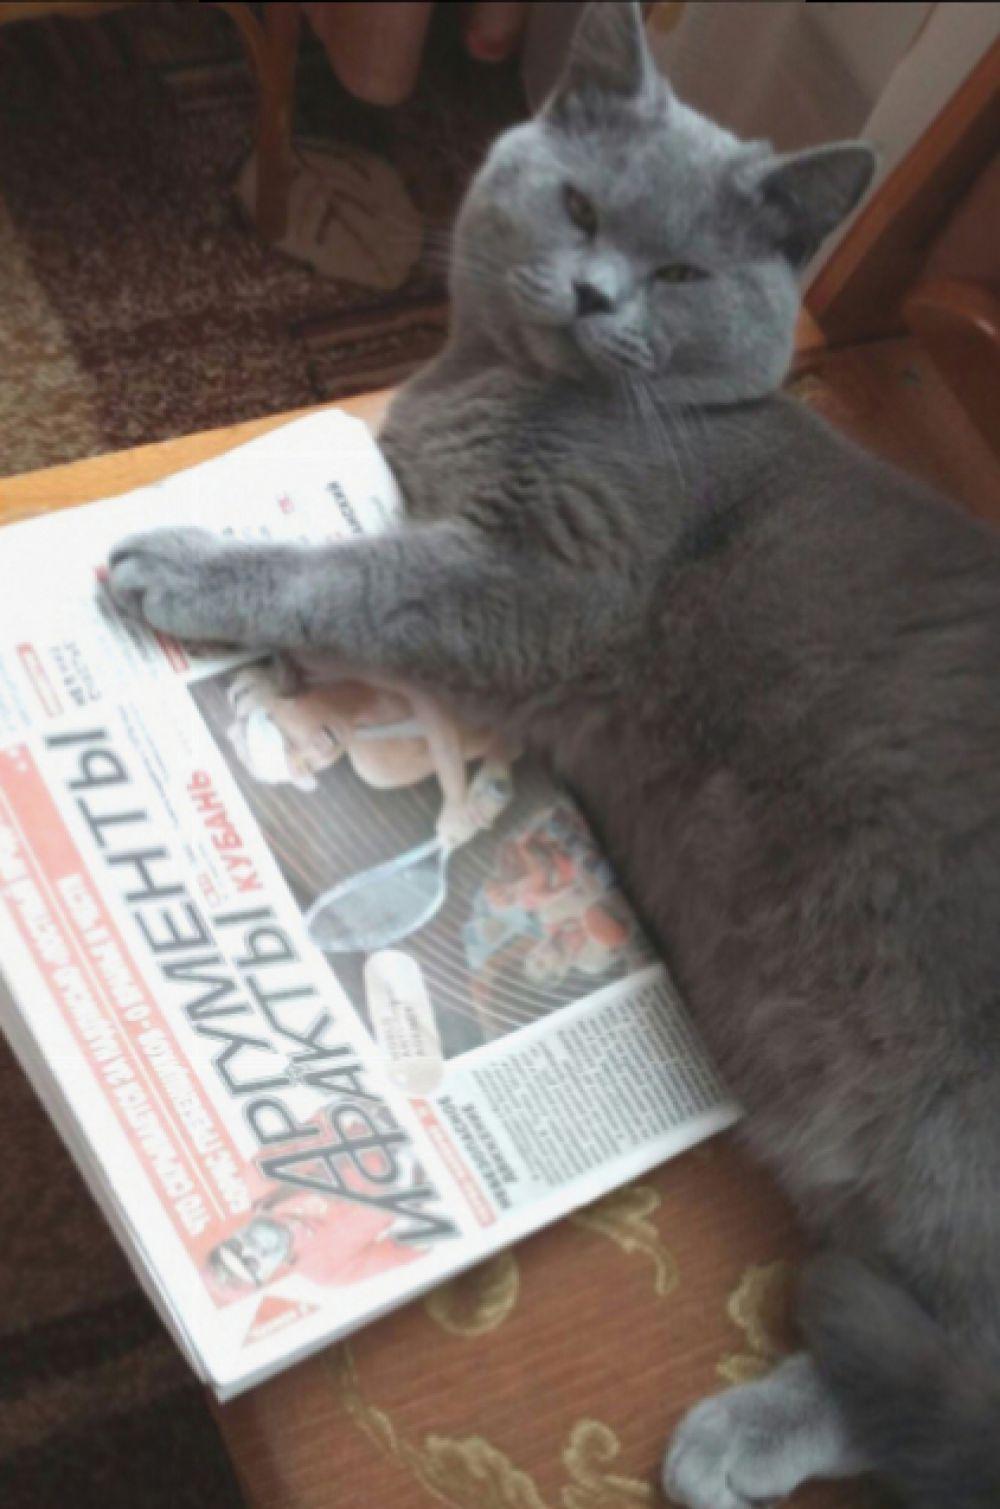 А это любимица нашей читательницы Виктории Божковой.